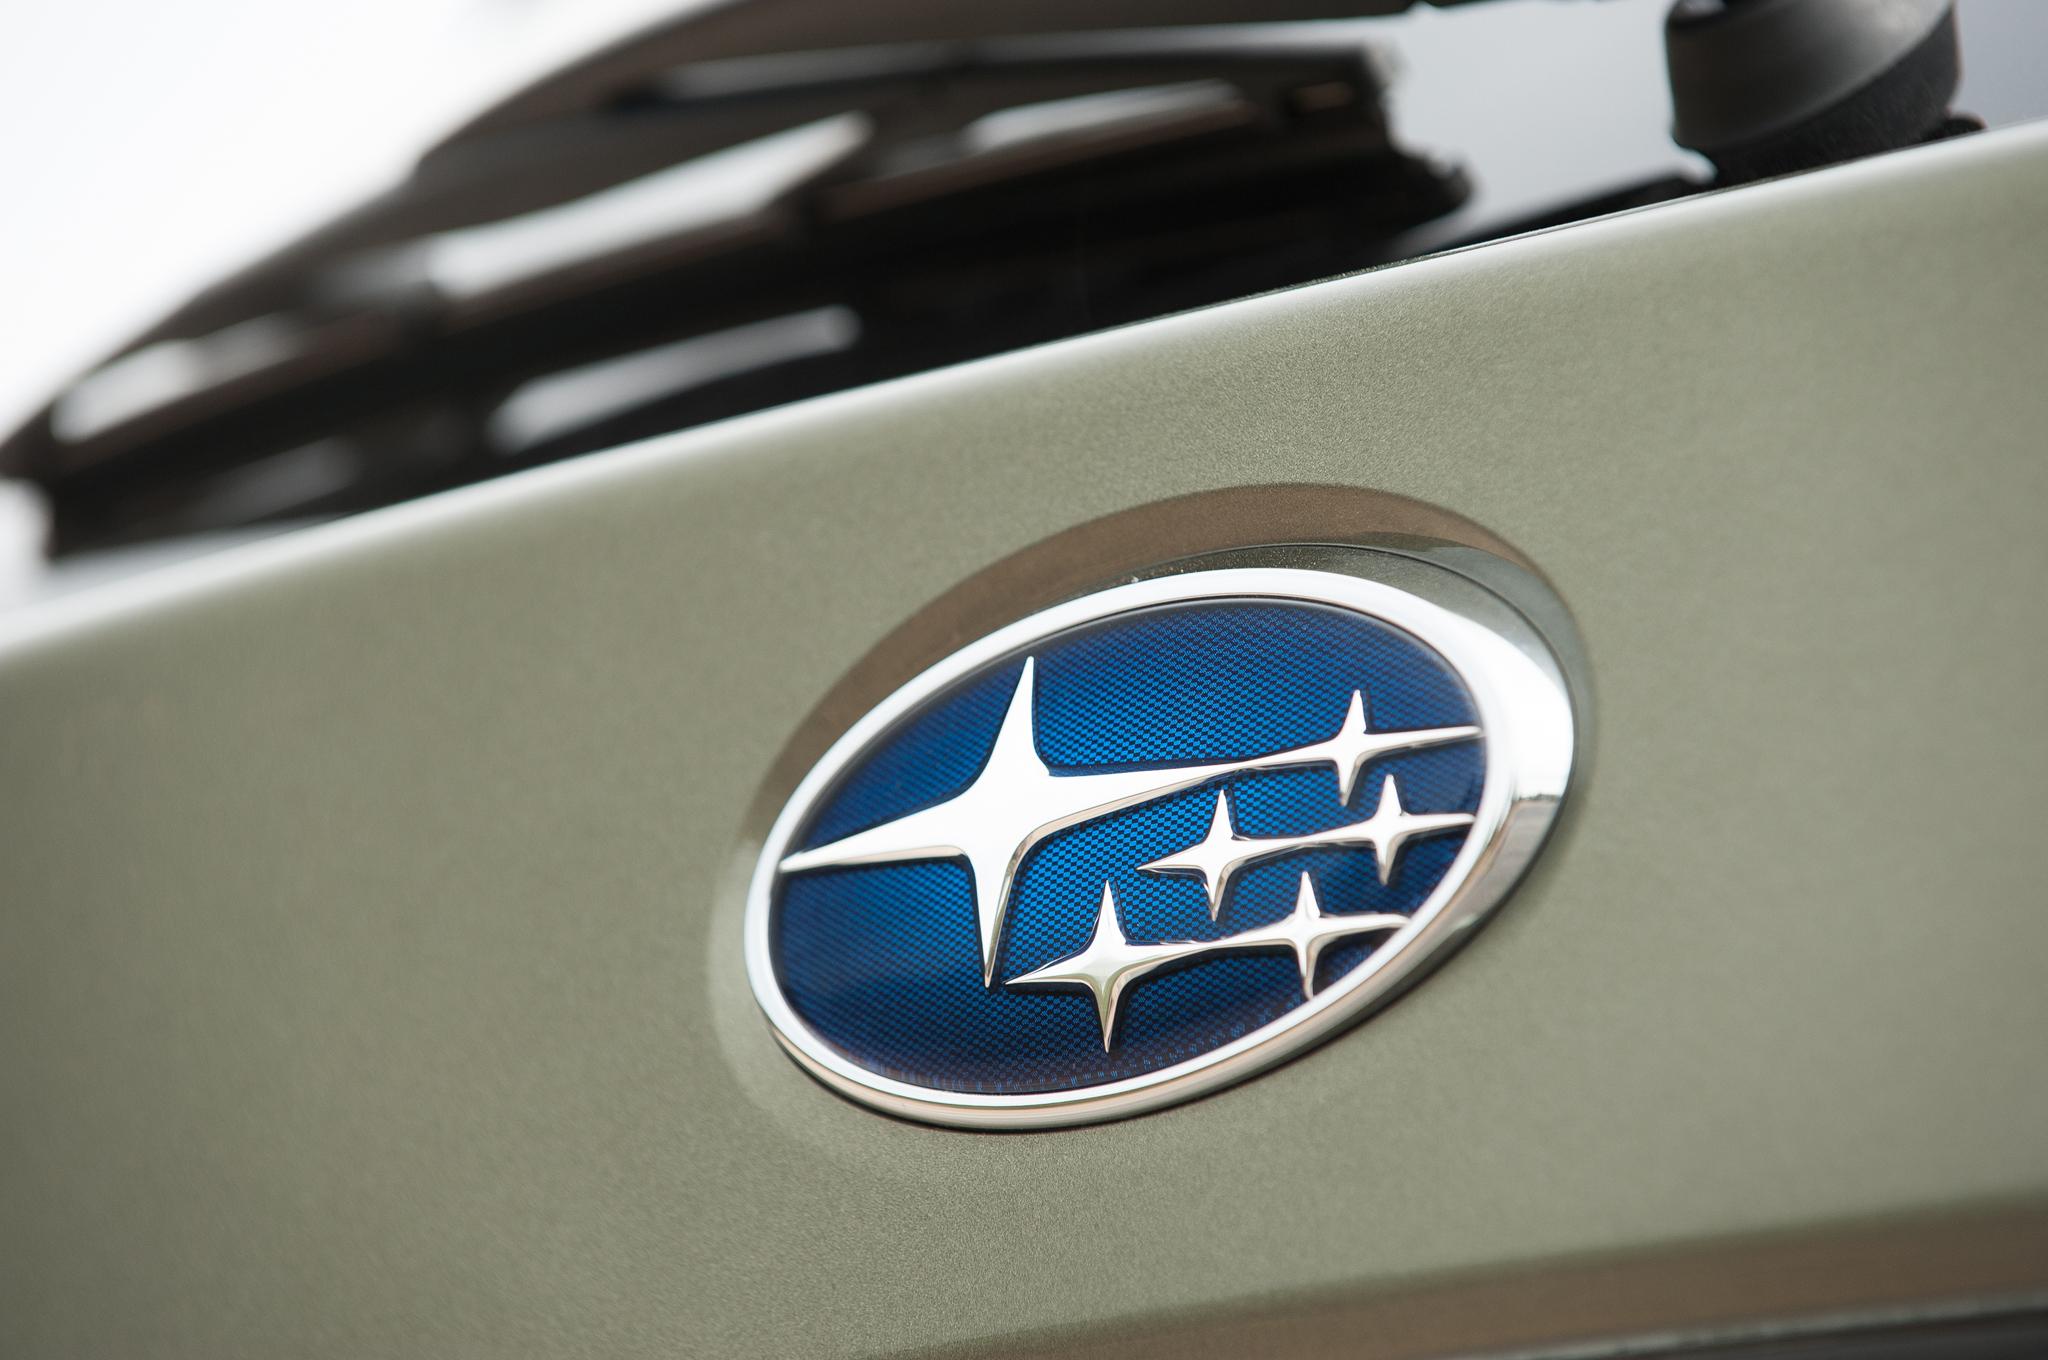 Subaru Logo Subaru Car Symbol Meaning And History Car